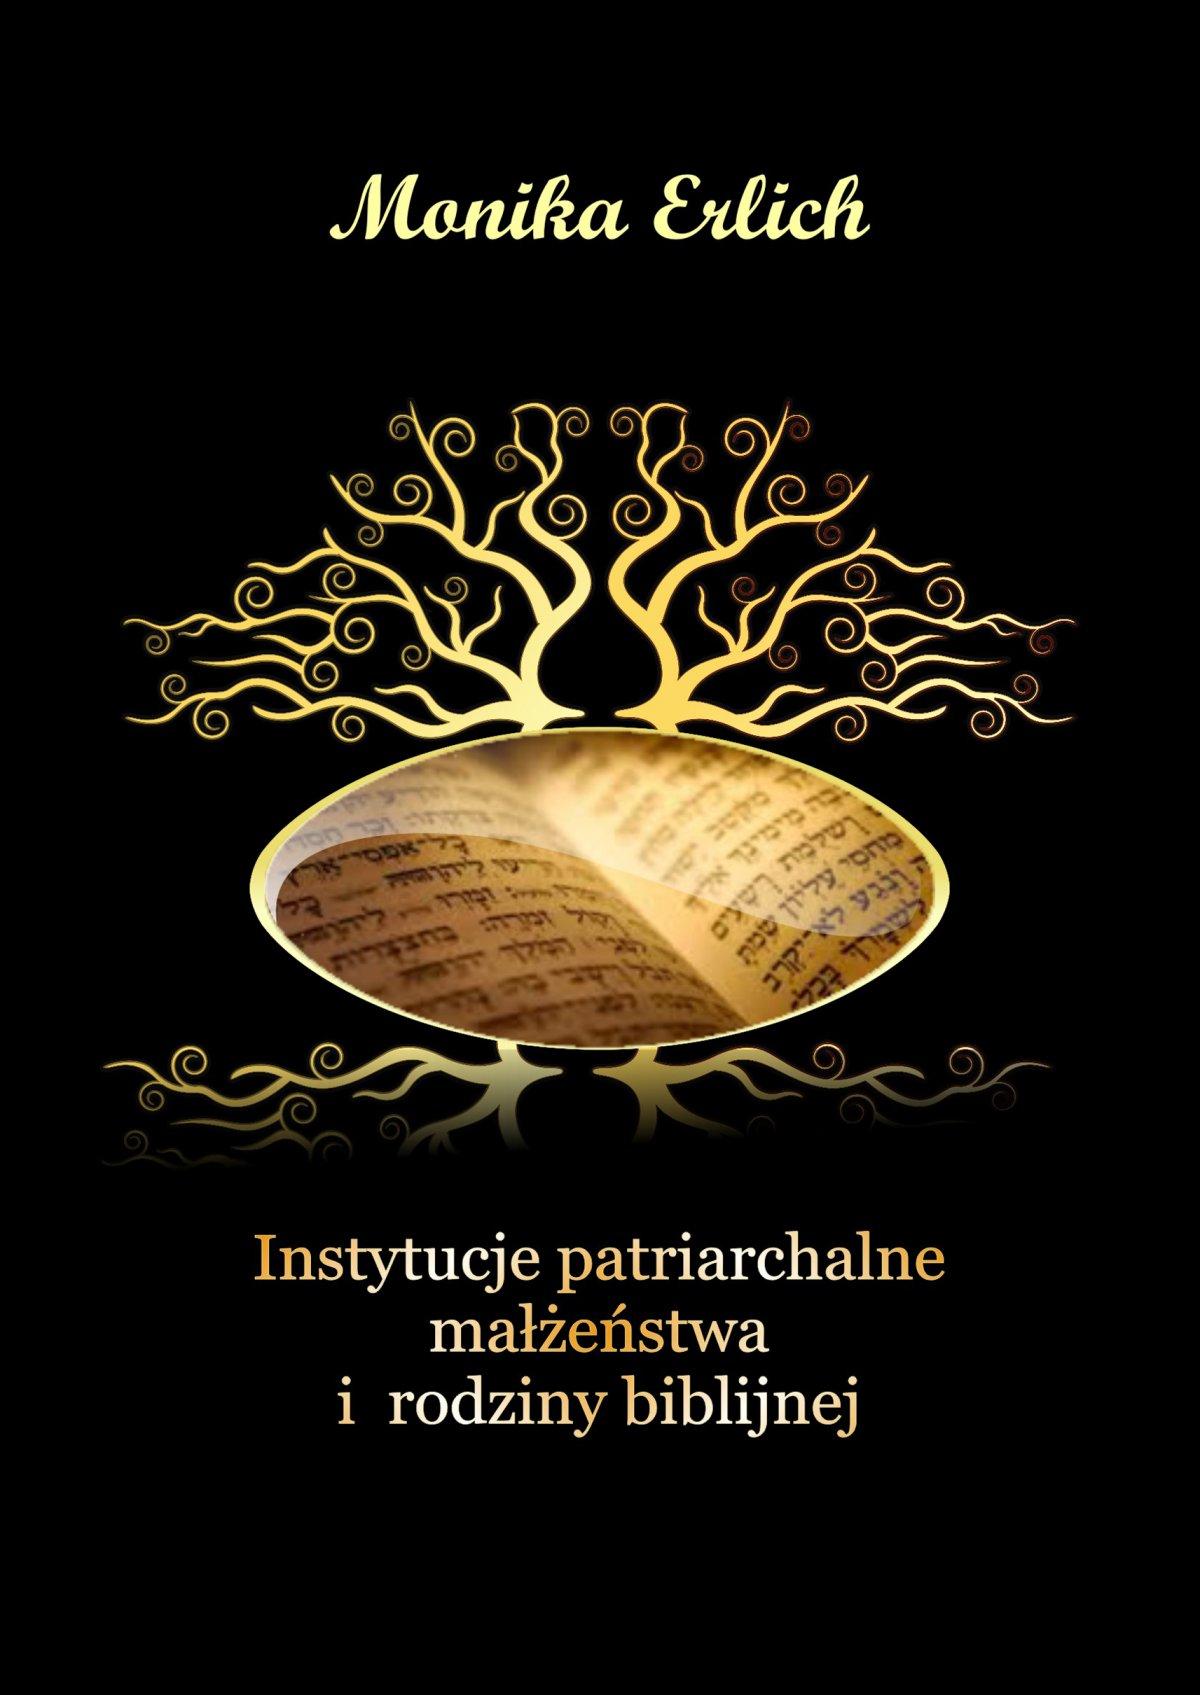 Instytucje patriarchalne małżeństwa i rodziny biblijnej - Ebook (Książka EPUB) do pobrania w formacie EPUB